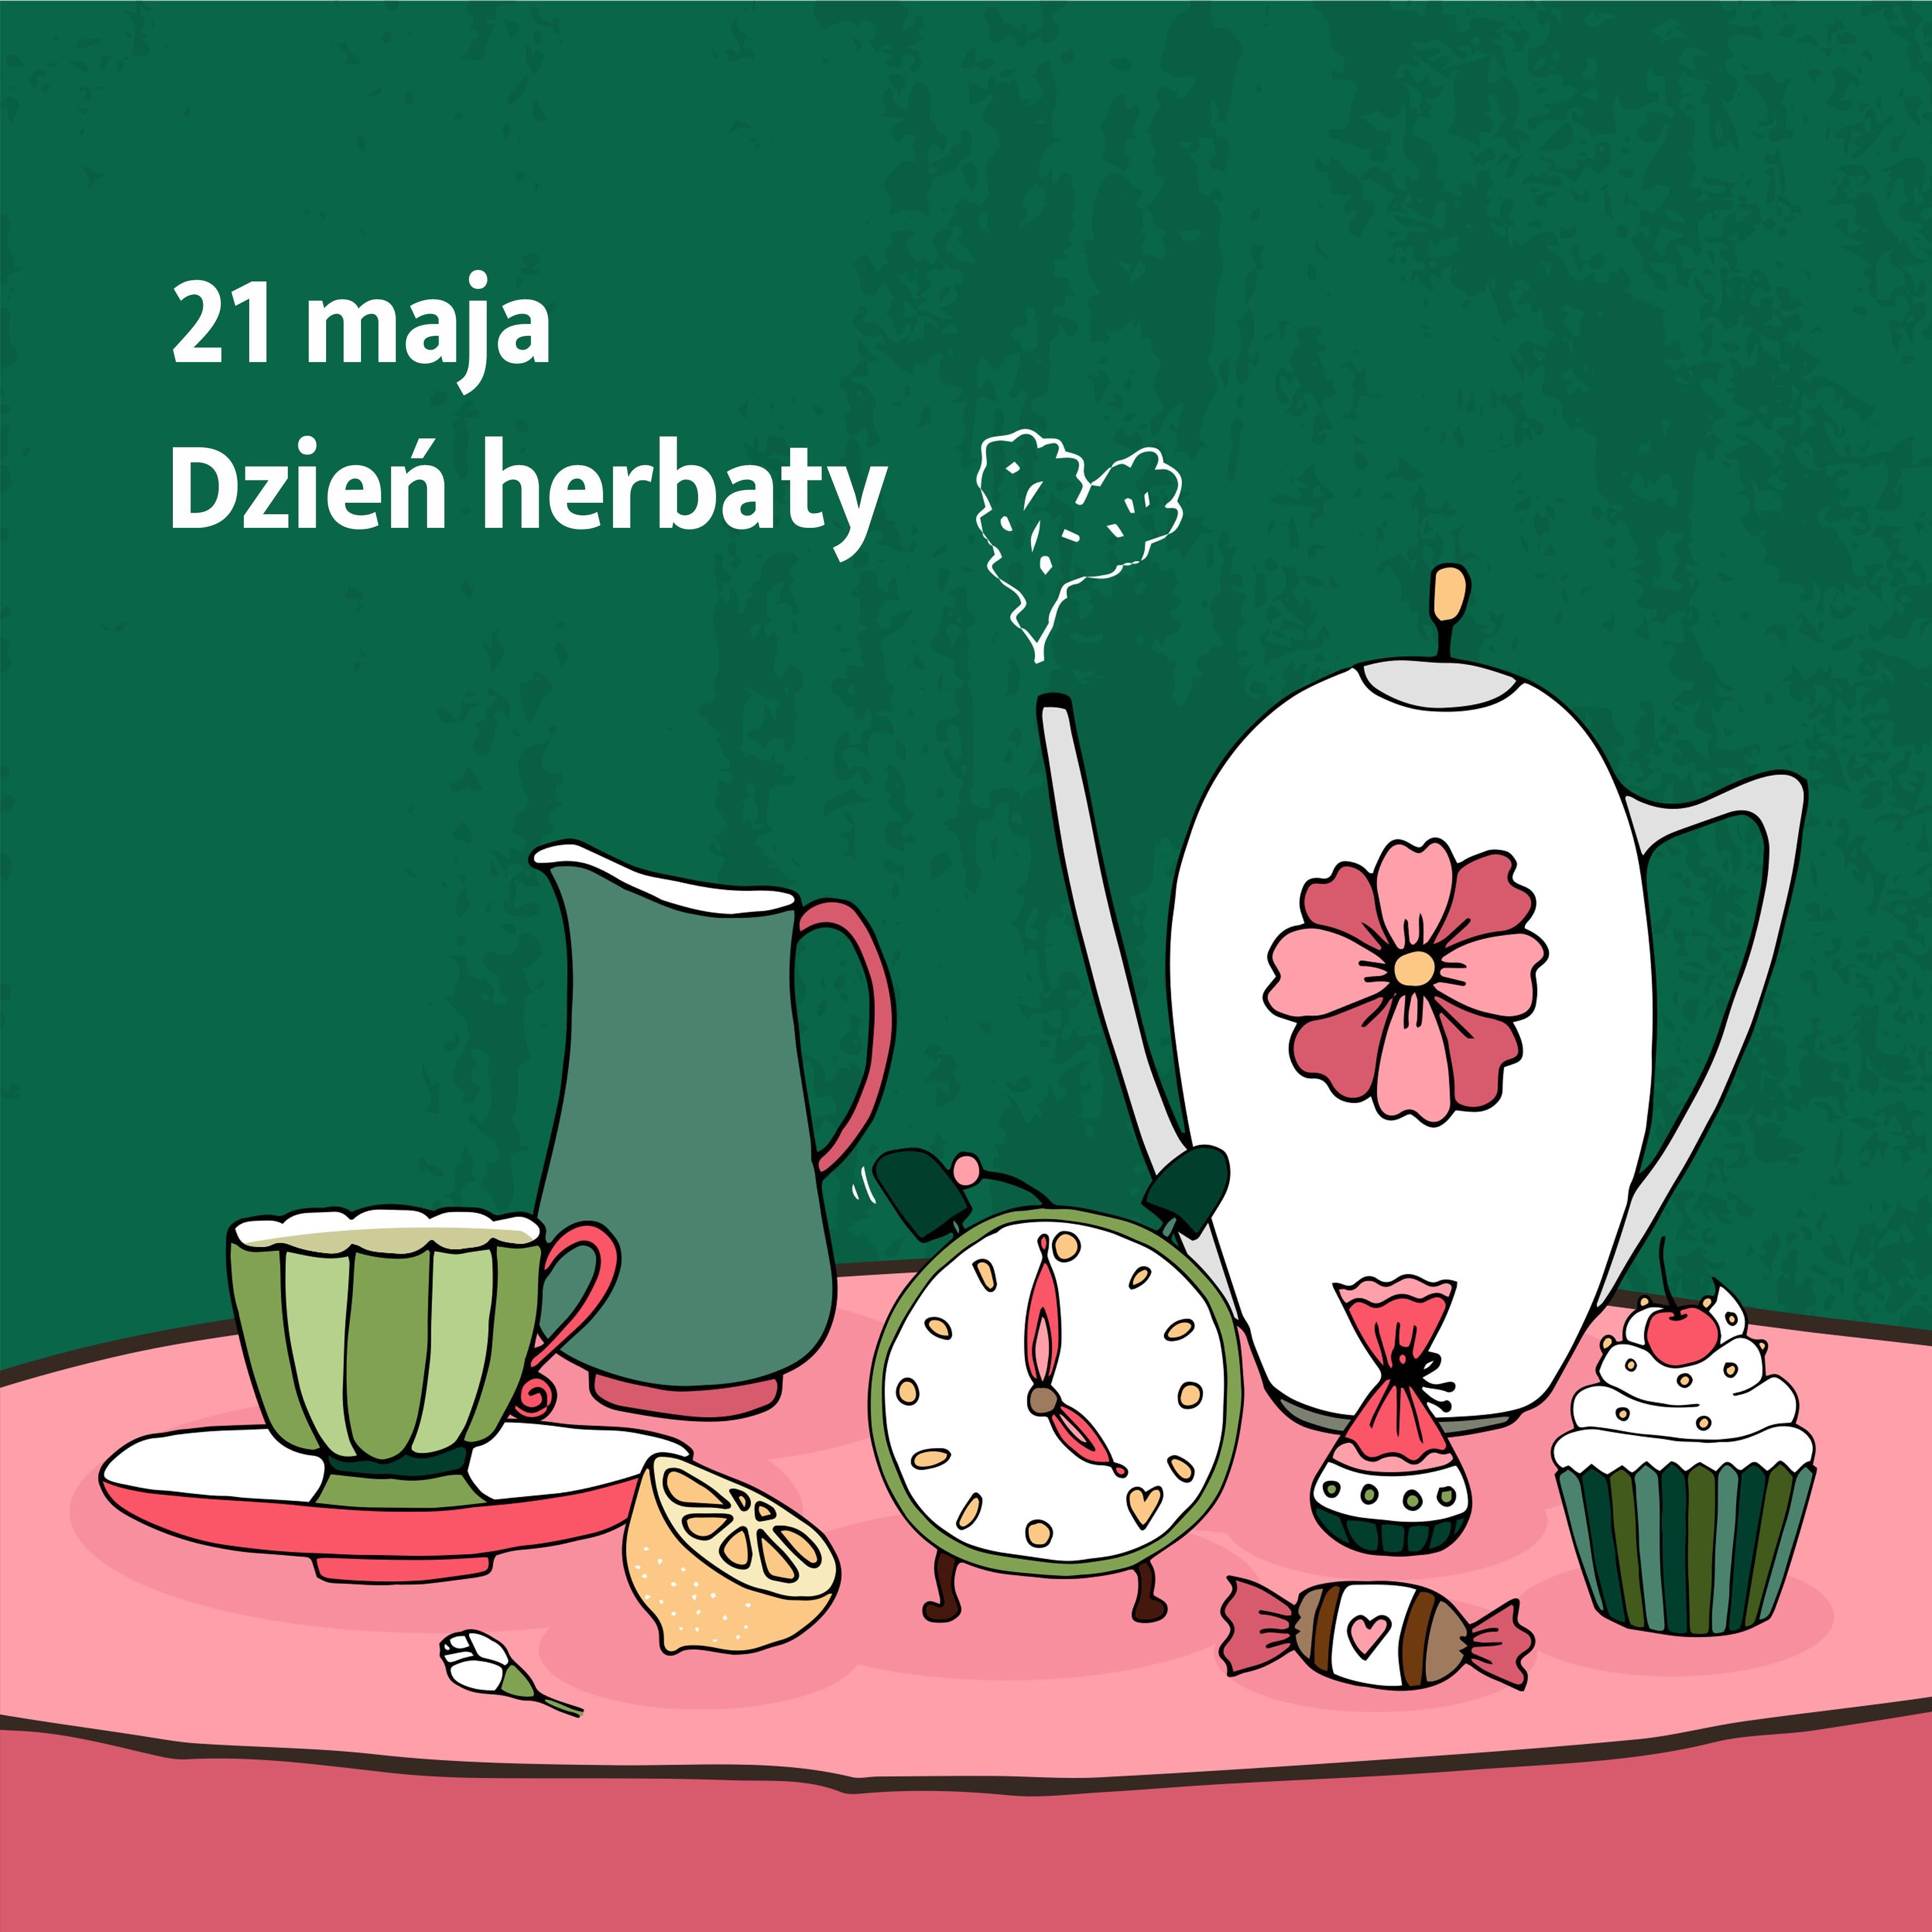 Nagrody za udział w konkursie z okazji Dnia Herbaty